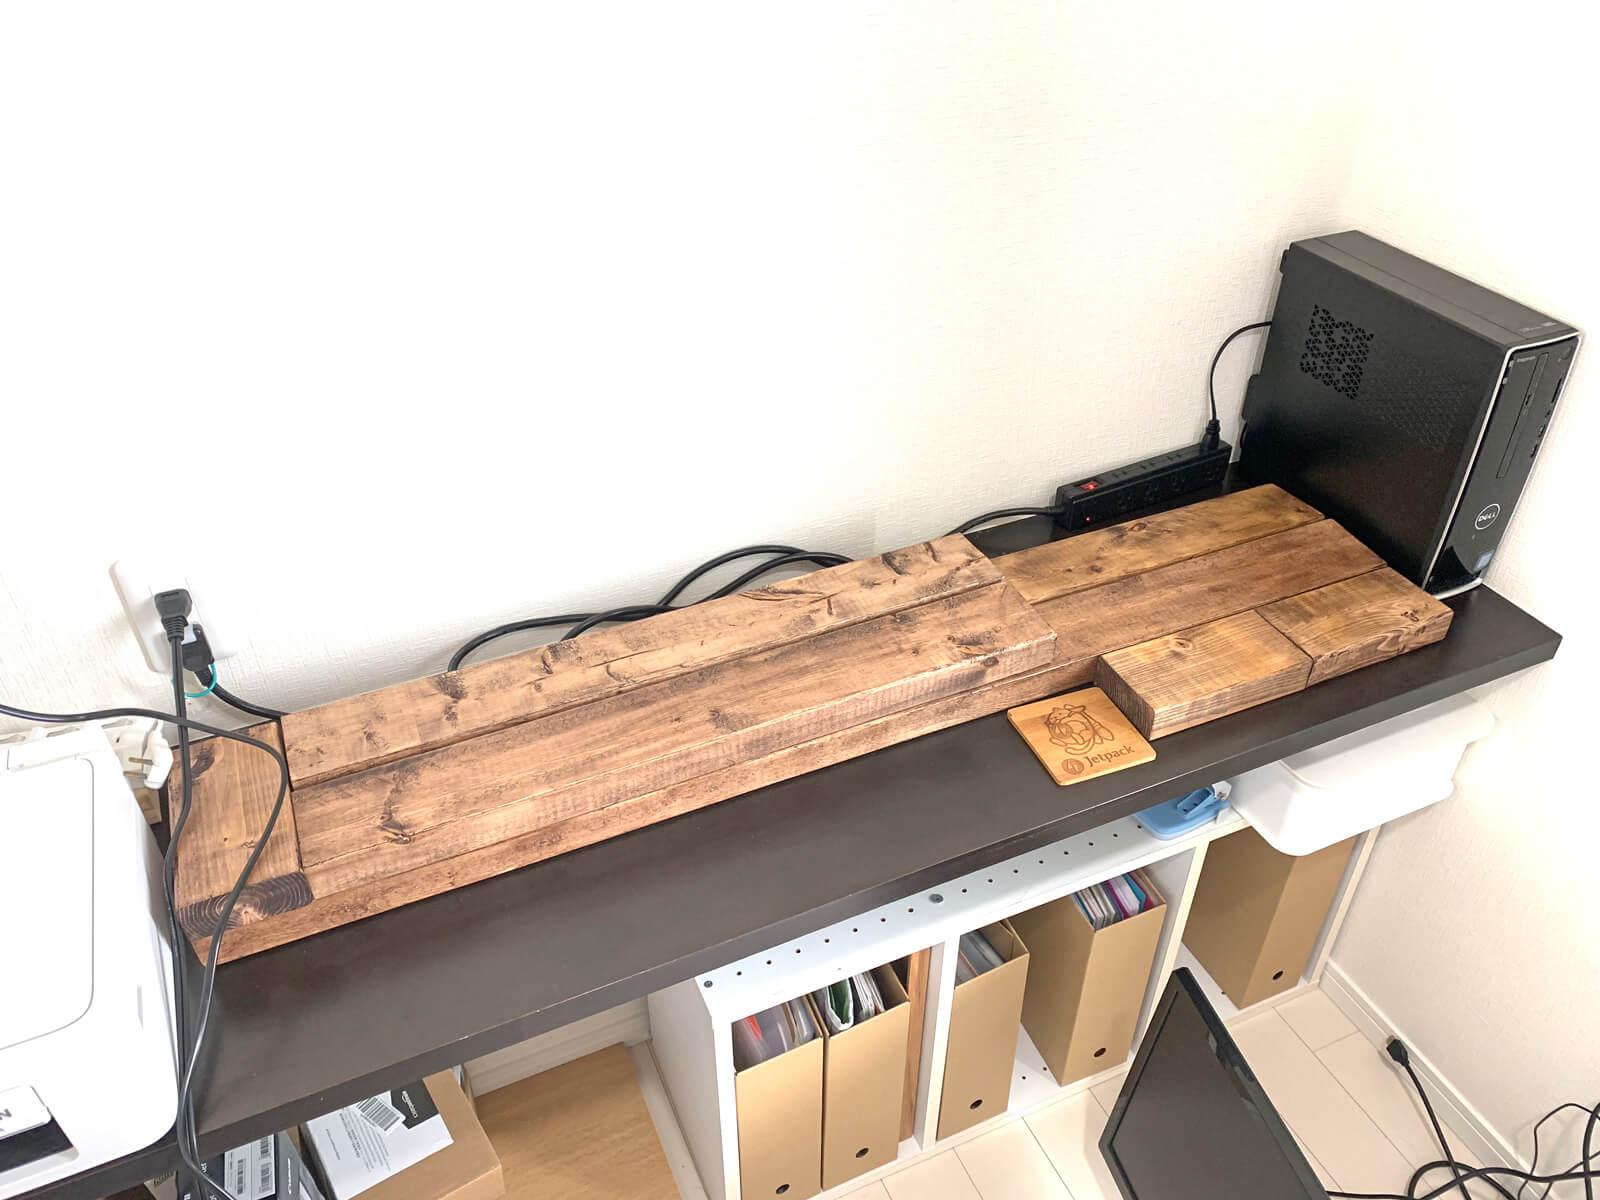 調整しながら木材の配置を考えます